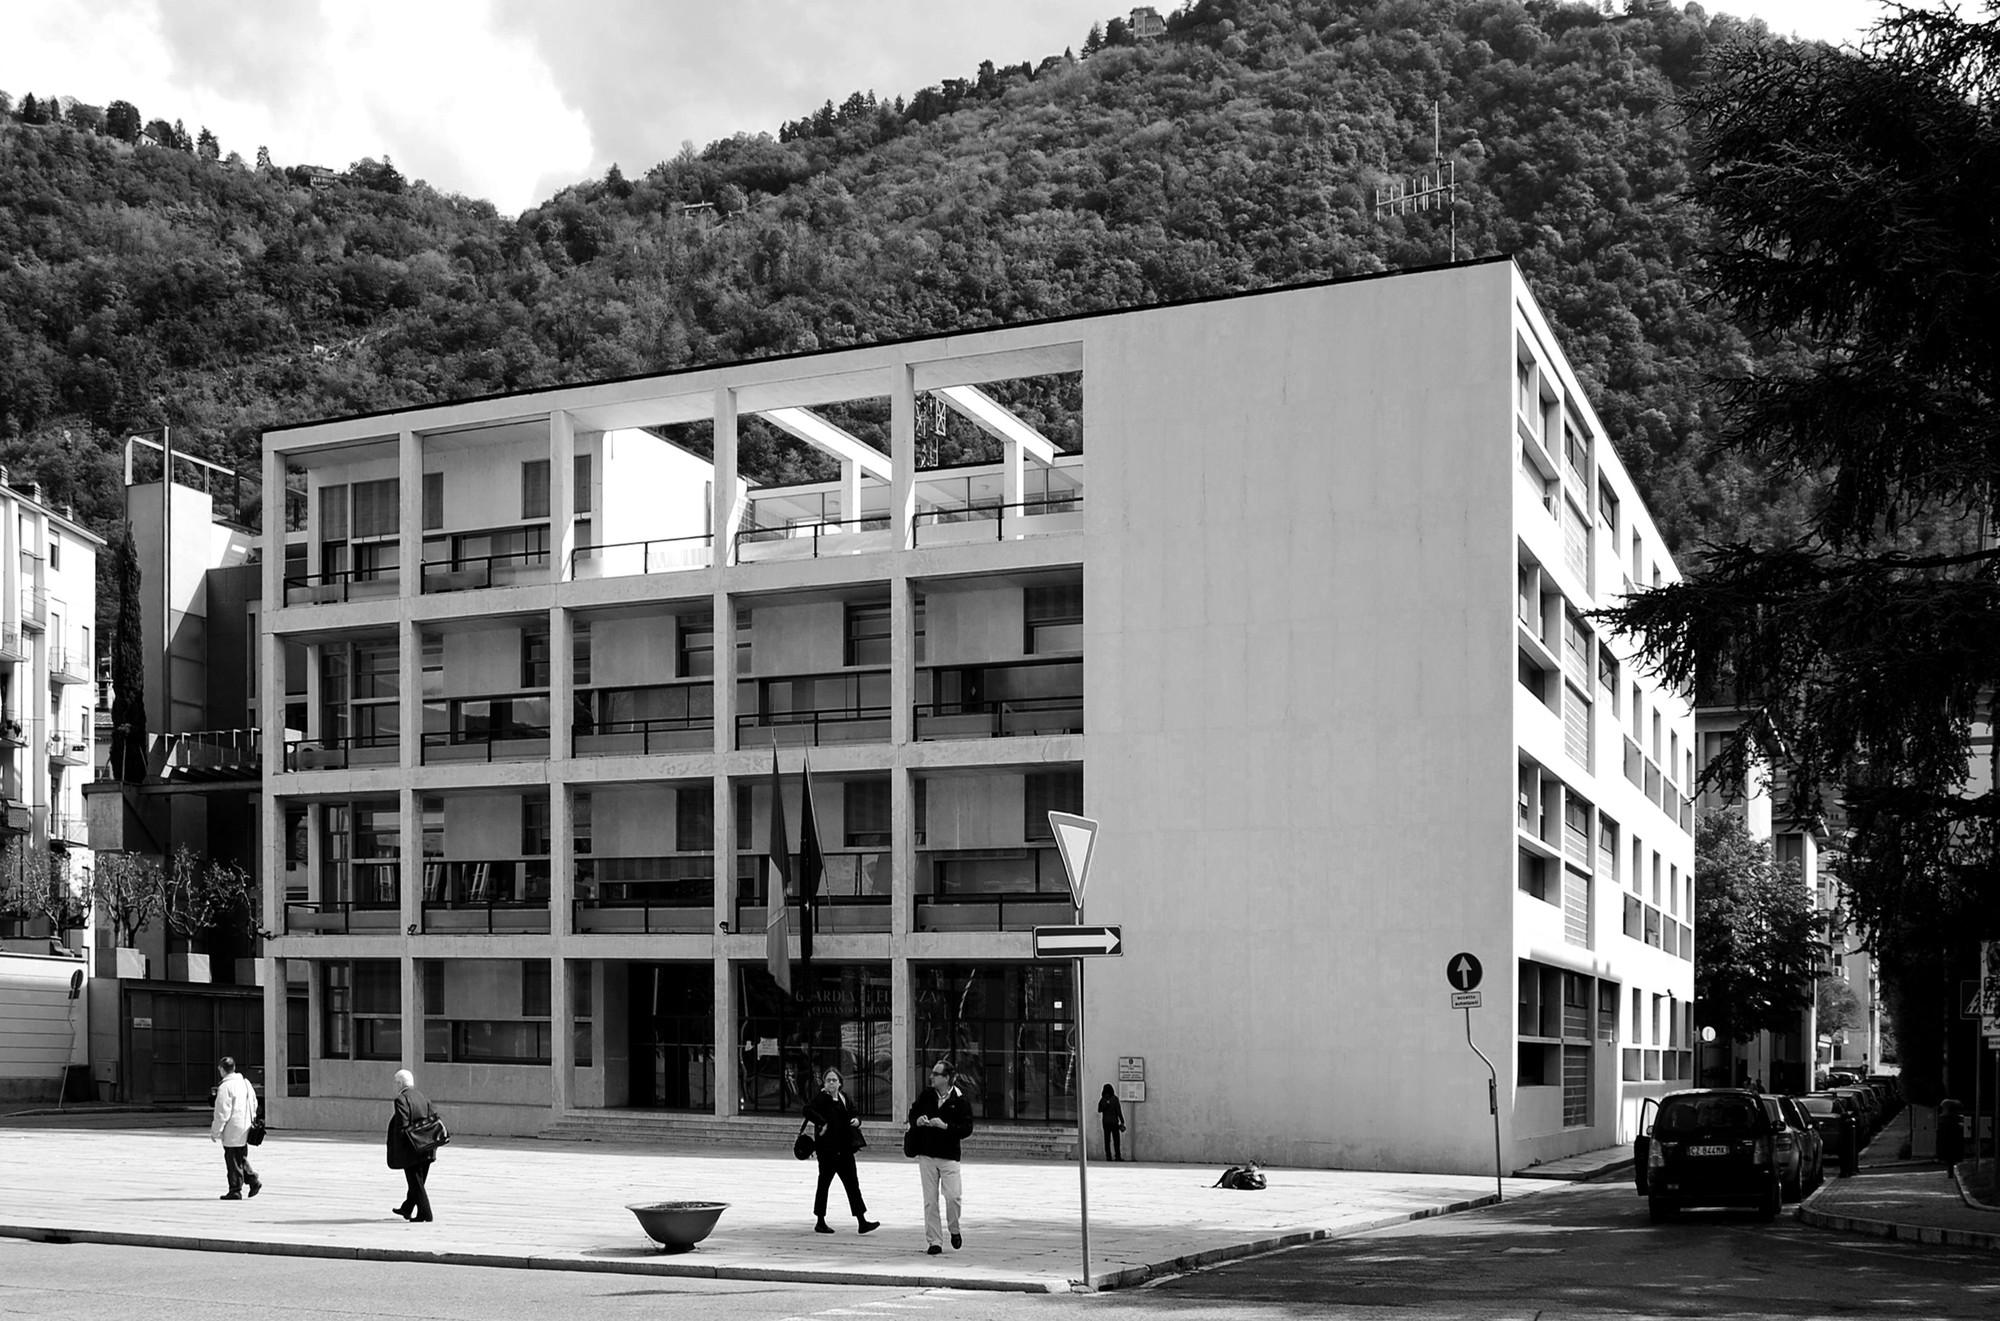 Clásicos de Arquitectura: Casa del Fascio / Giuseppe Terragni, © Guillermo Hevia García